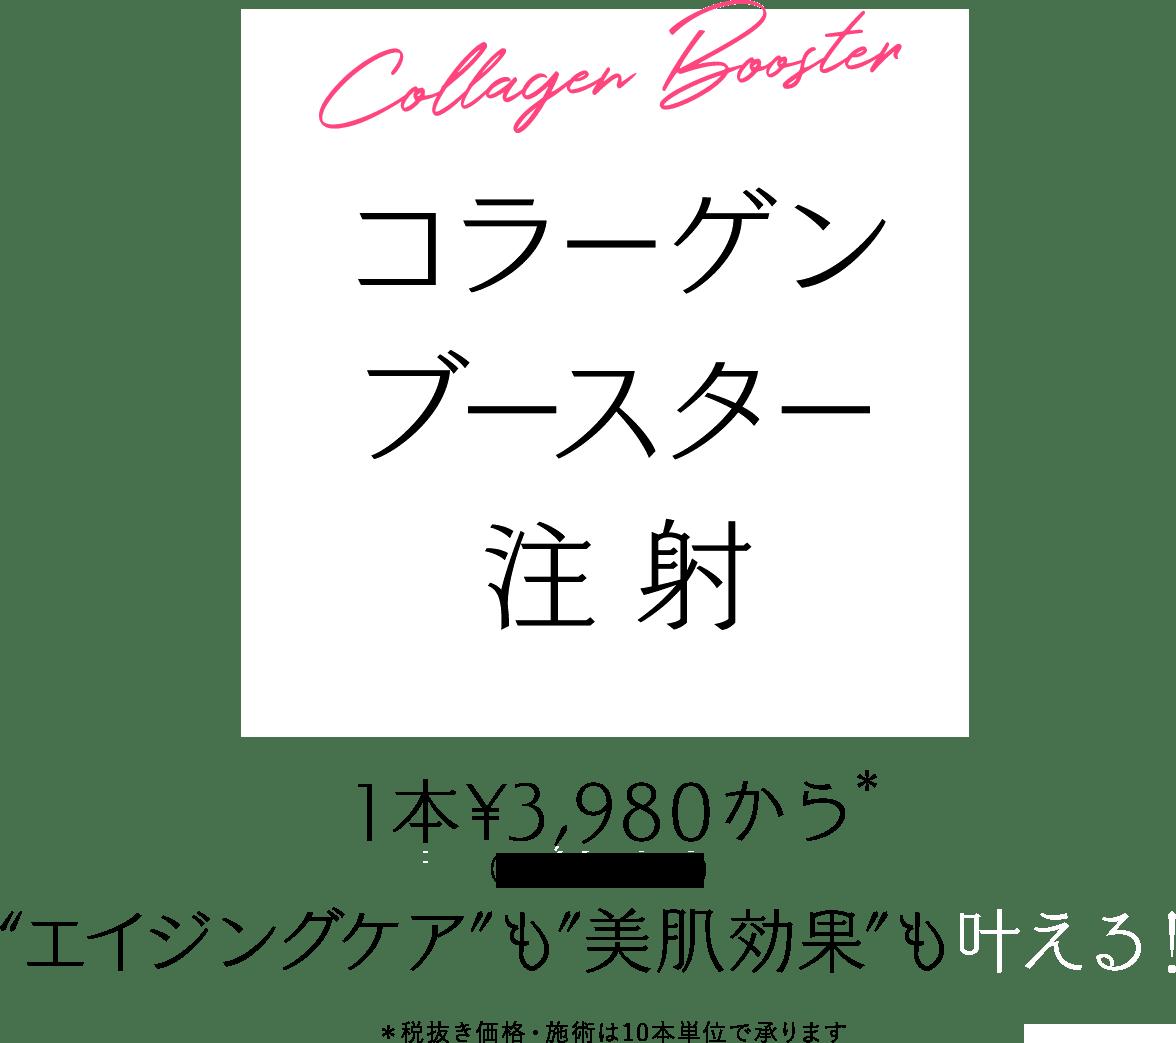 コラーゲンブースター